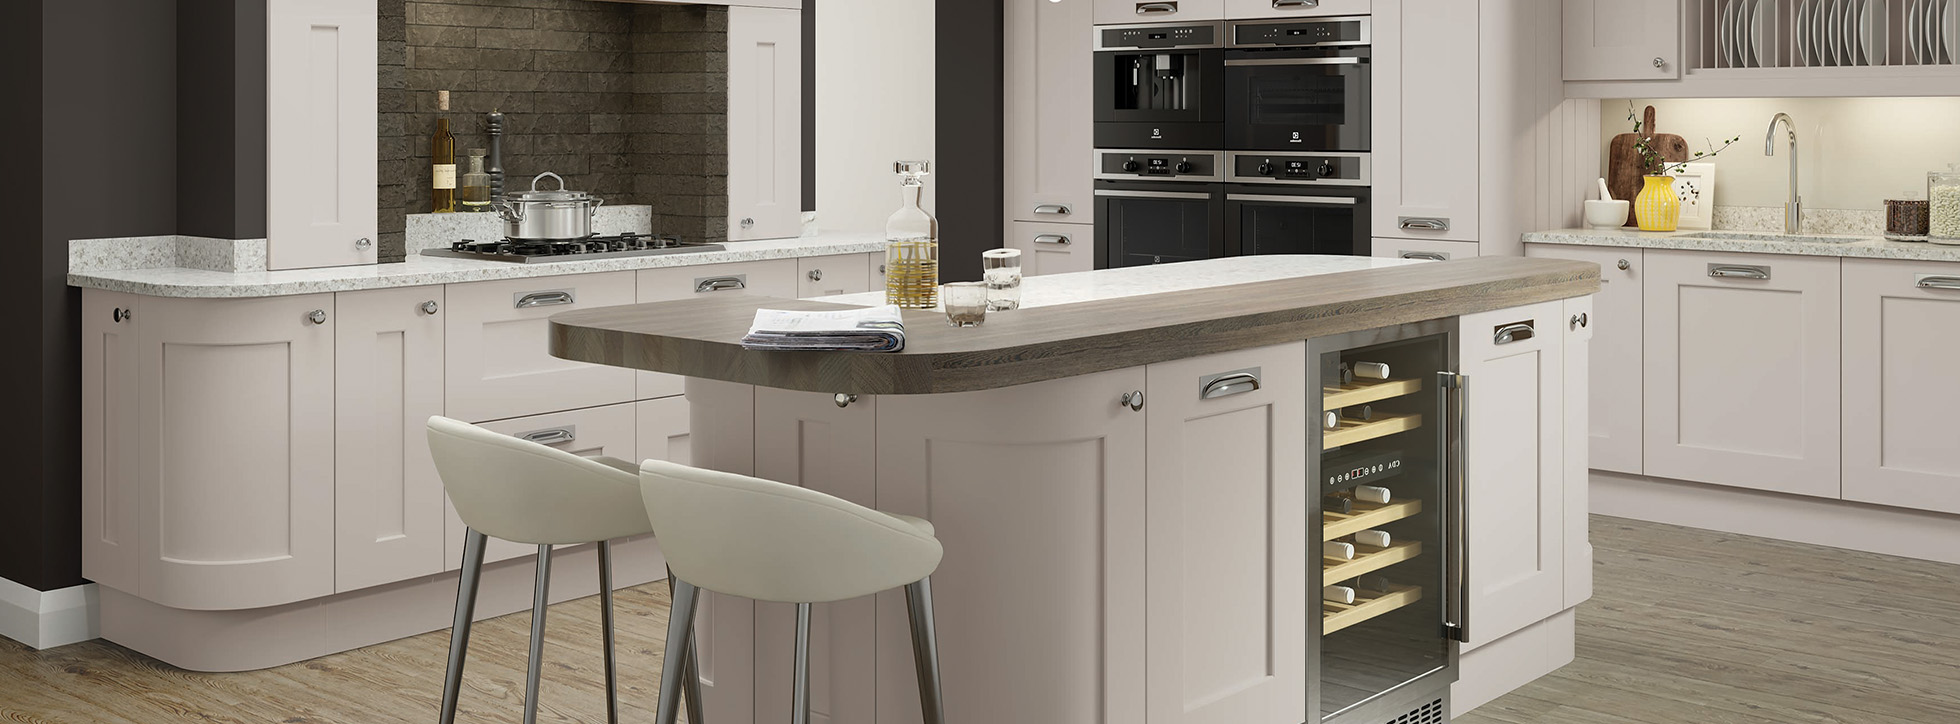 marpatt kitchen doors suppliers to the trade rh marpatt co uk